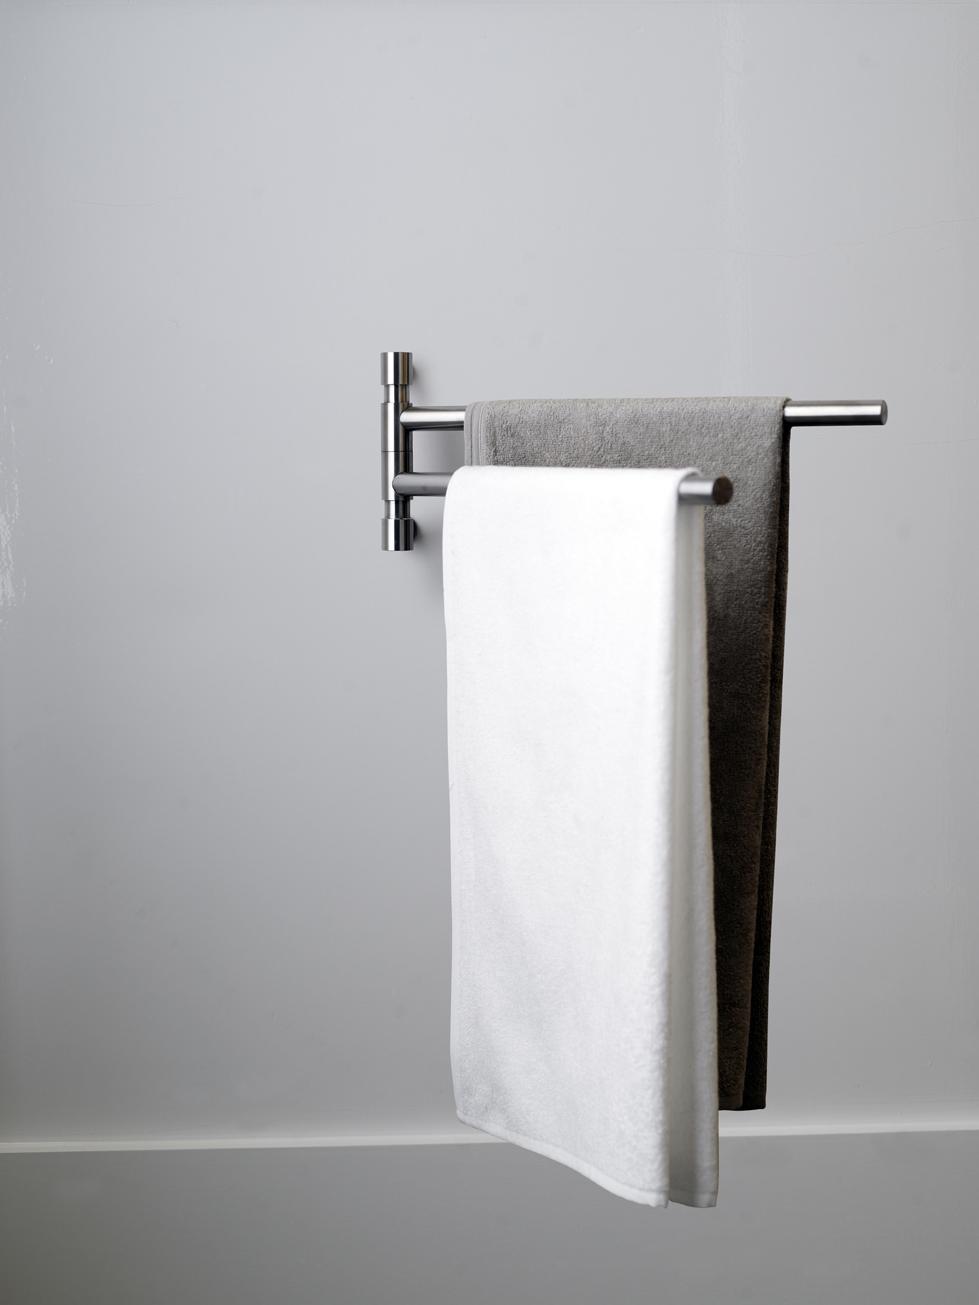 Piet Boon® One Bathware<br><br>